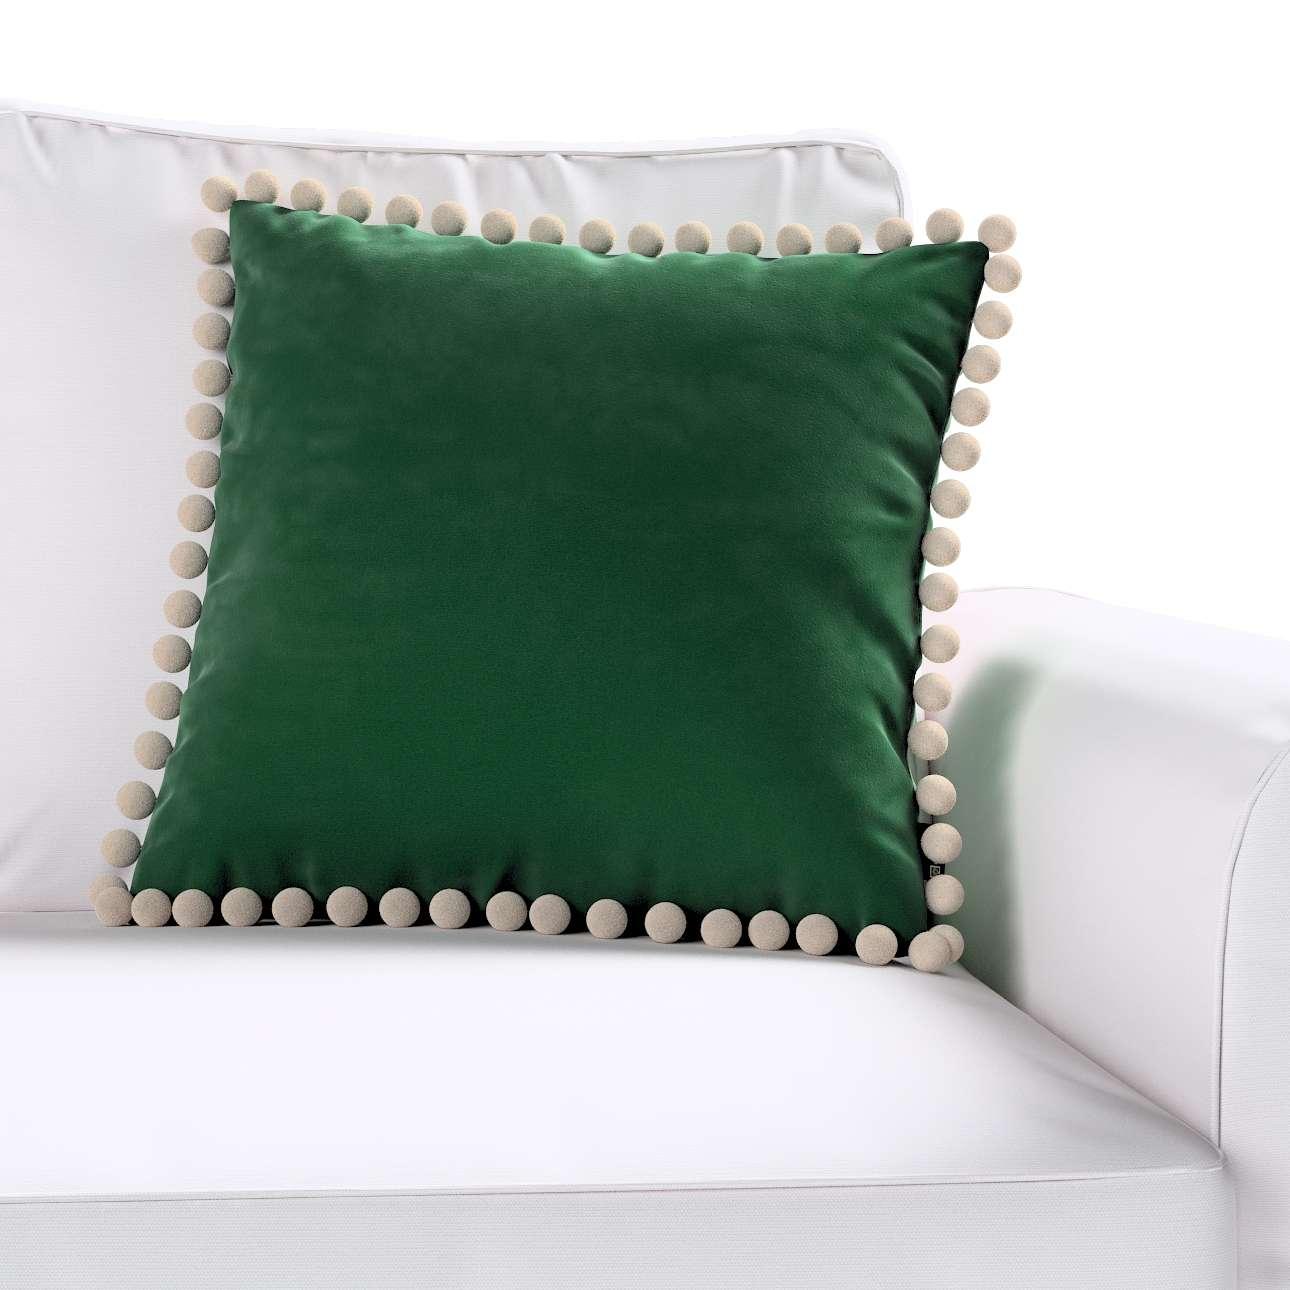 Wera dekoratyvinės pagalvėlės užvalkalas su žaismingais kraštais kolekcijoje Velvet/Aksomas, audinys: 704-13